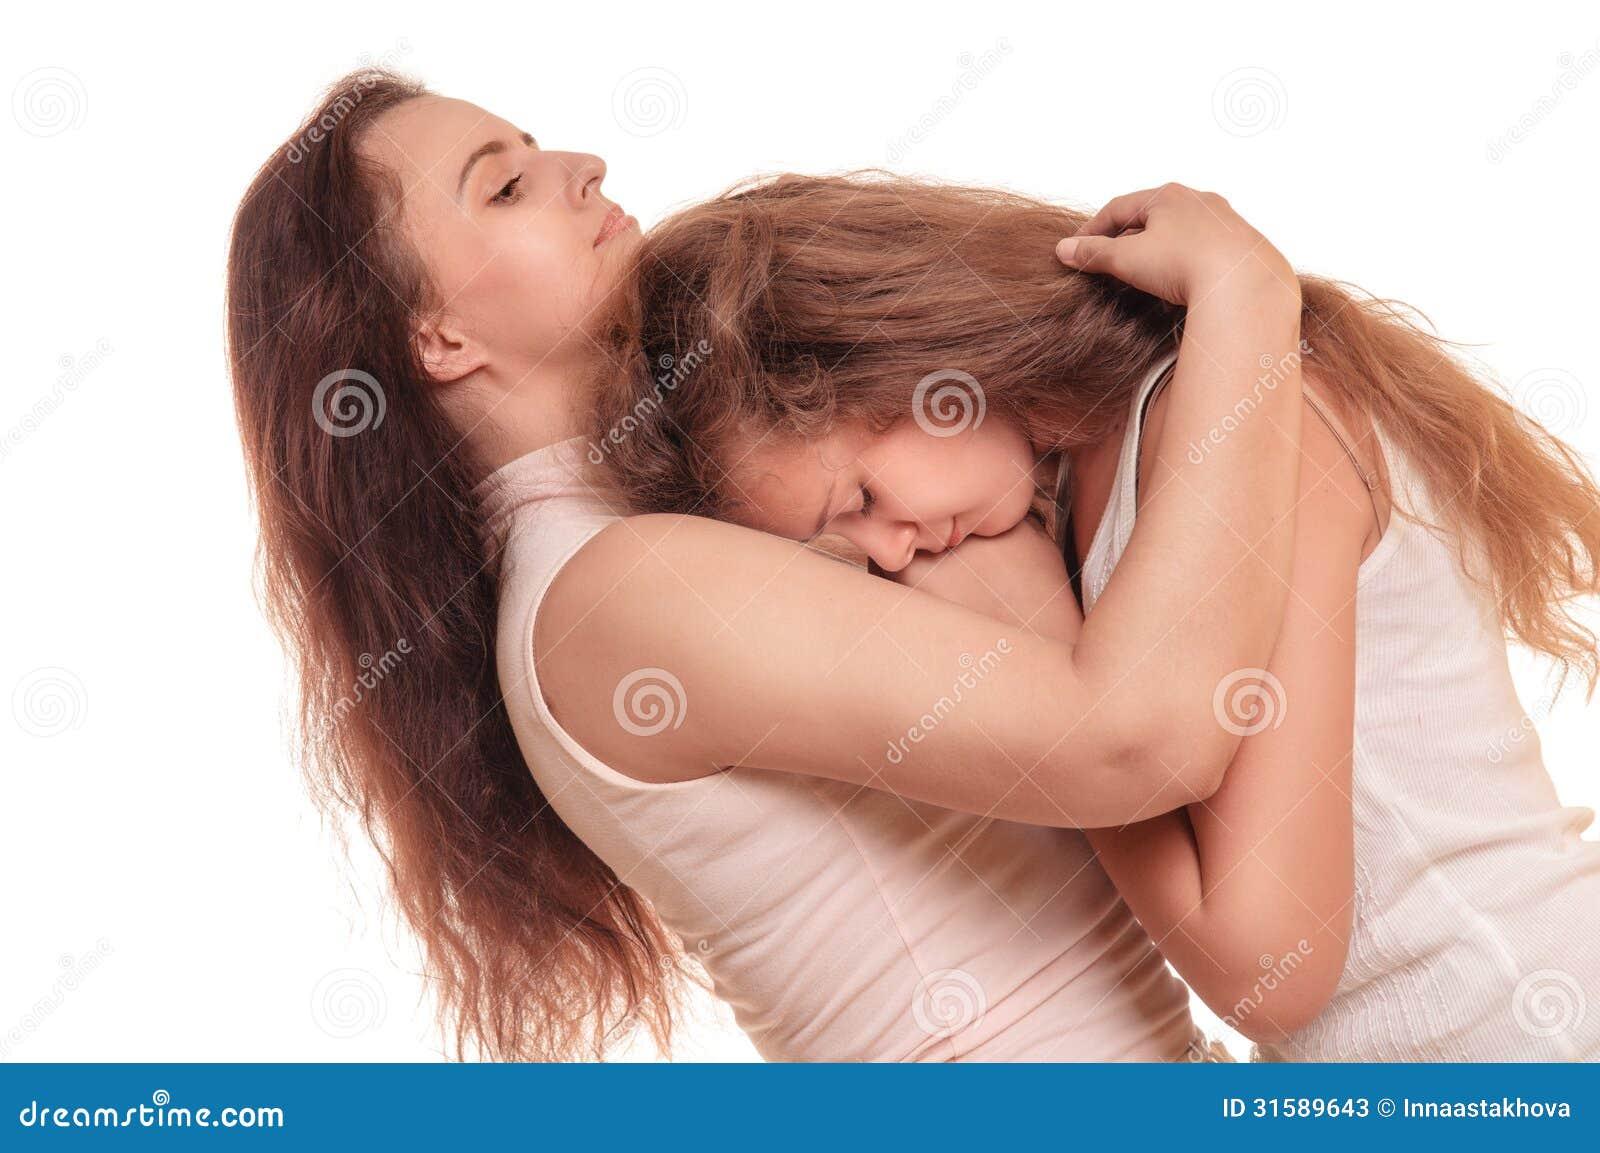 Lesbian mom comforting sad daughter